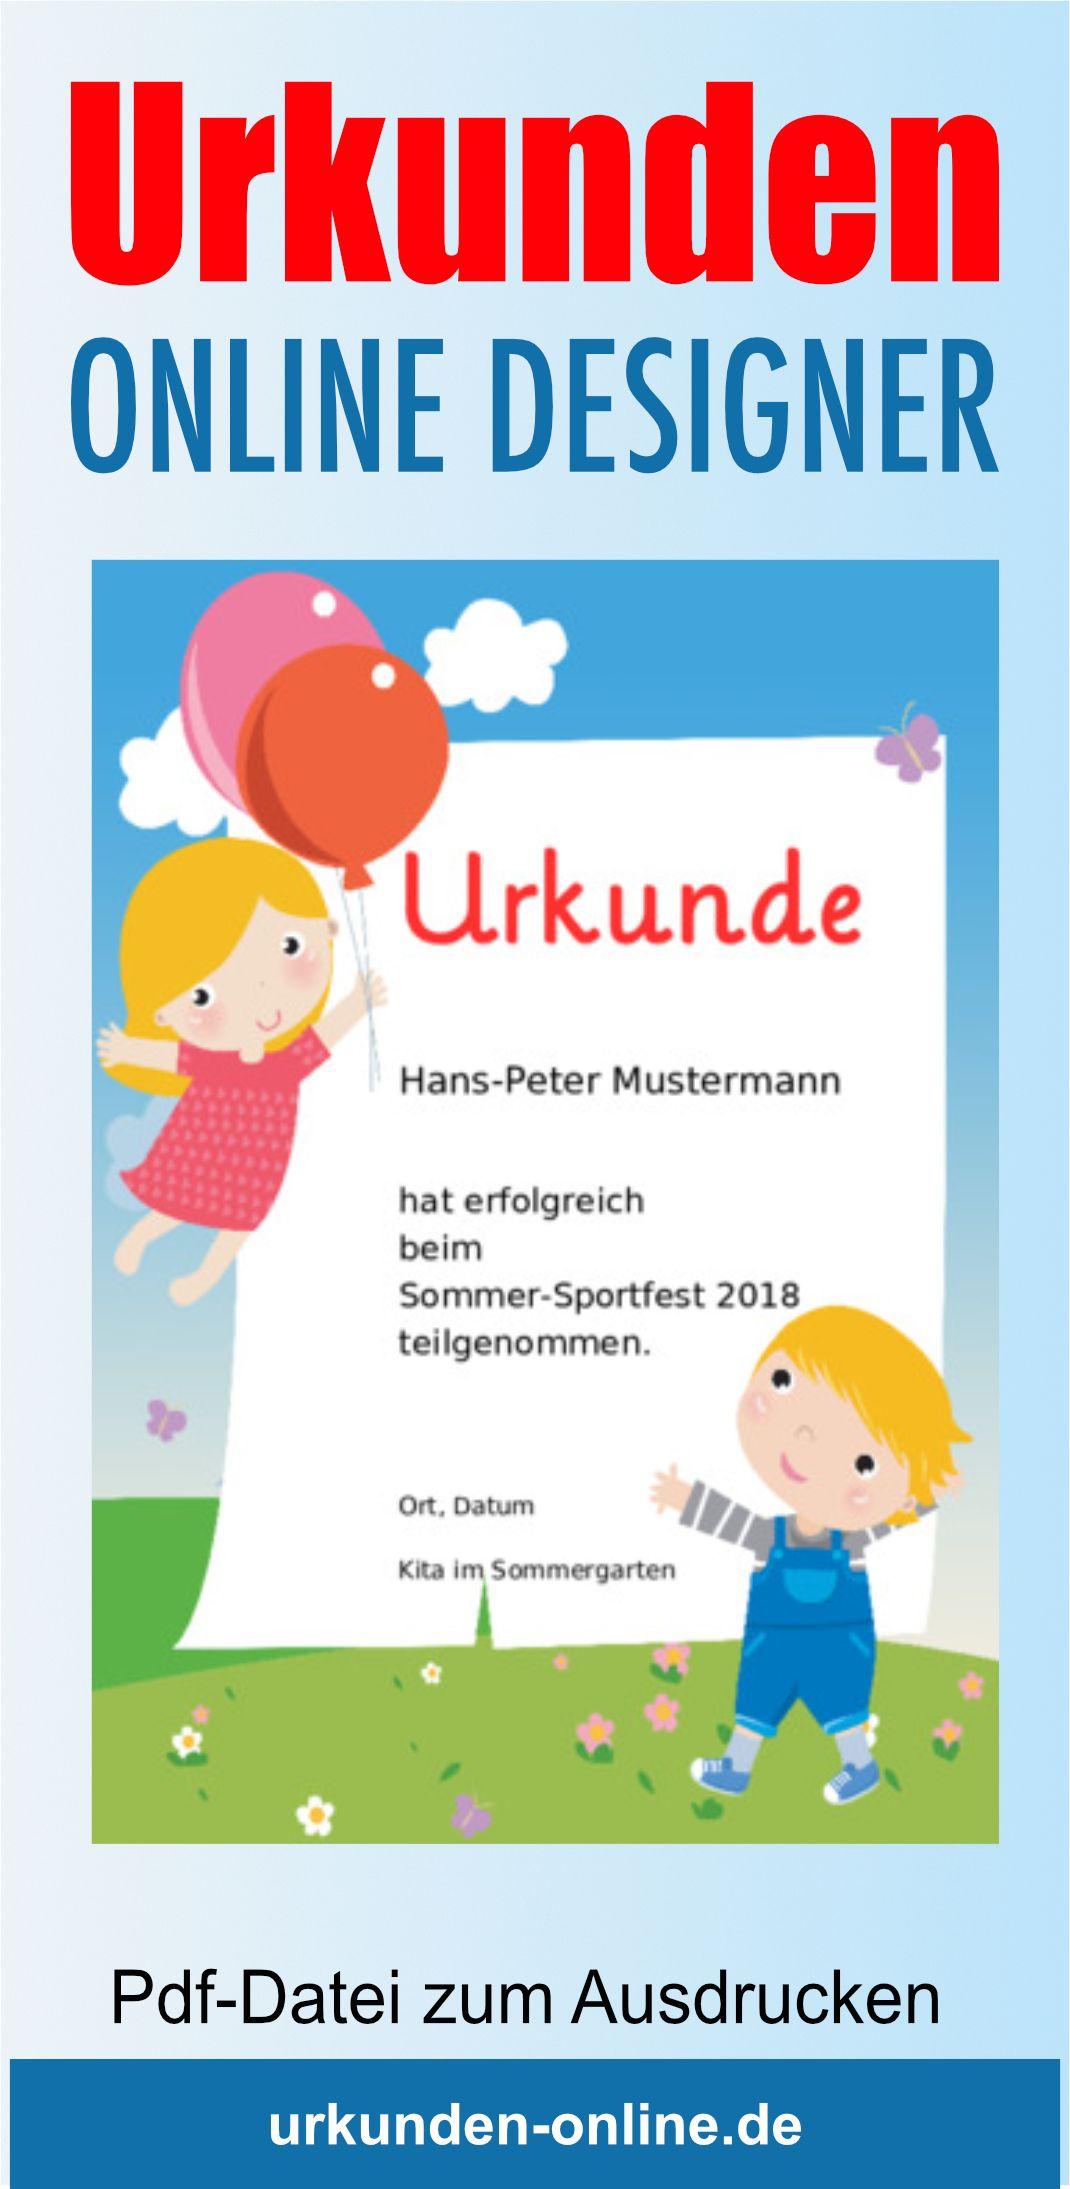 Kinder Urkunden Online Gestalten Und Drucken Urkunden Selbst Gestalten Urkunden Zum Ausdrucken Urkunde